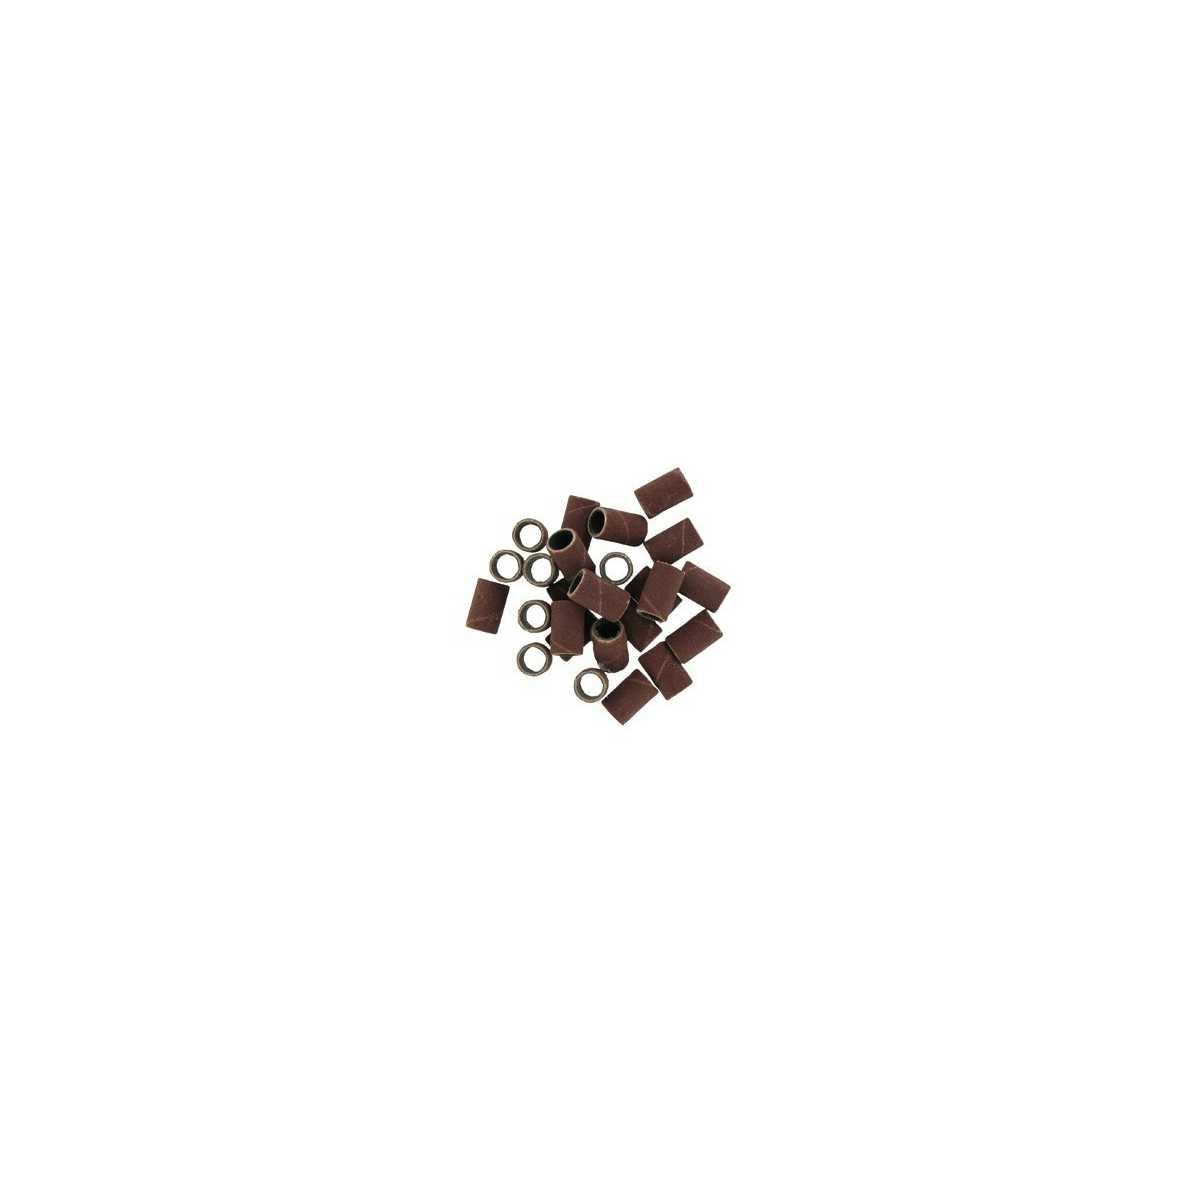 https://www.kit-manucure.com/146-thickbox_default/émeris-ponceuse-grain-150-lot-de-50-embouts.jpg